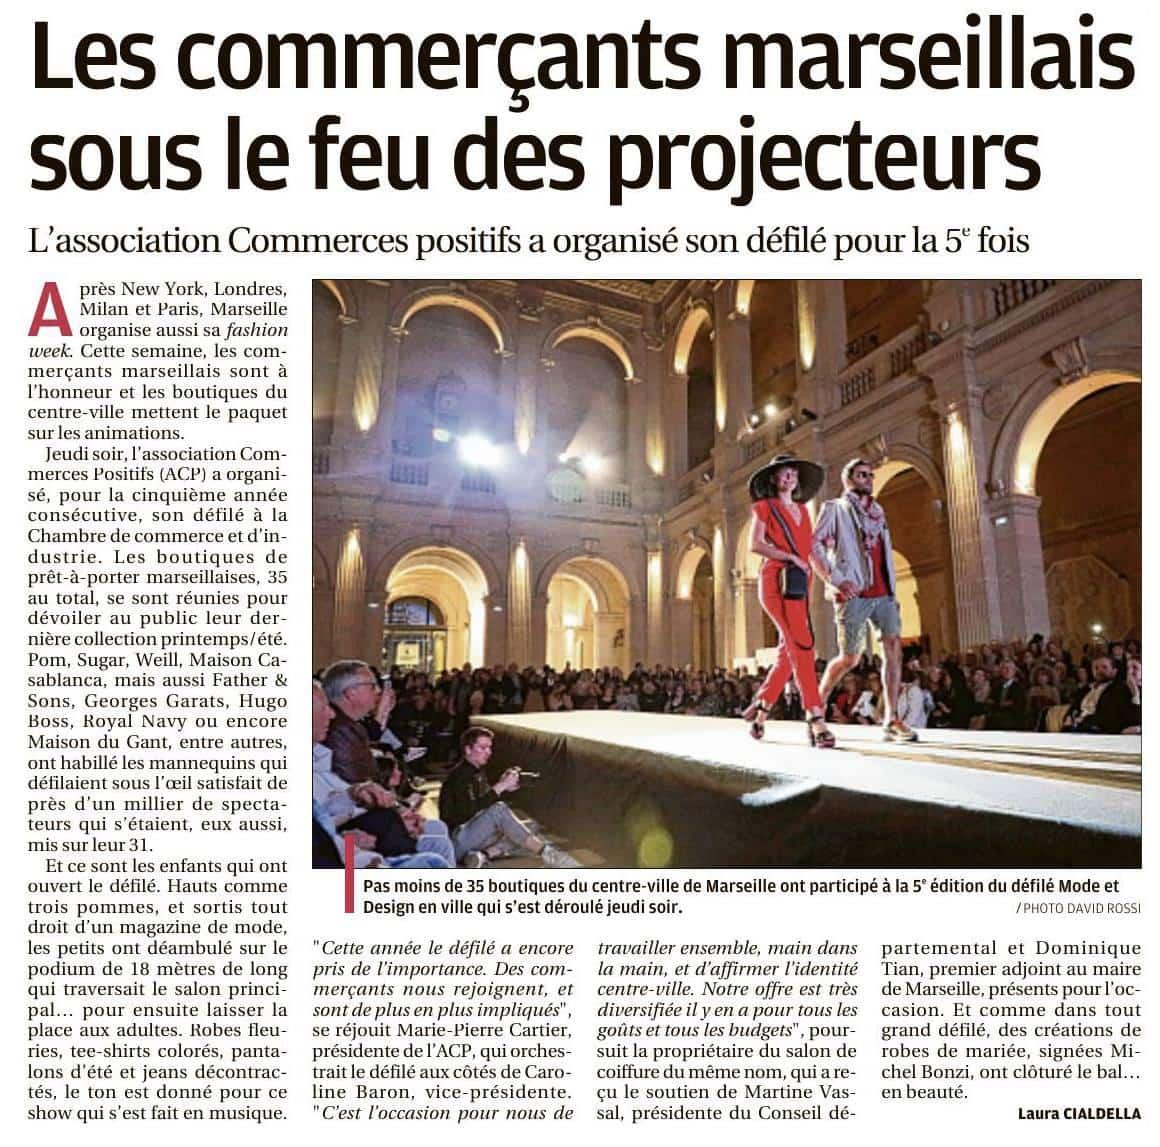 article La Provence 6 avril 2019 - Défilé Mode & Design en ville